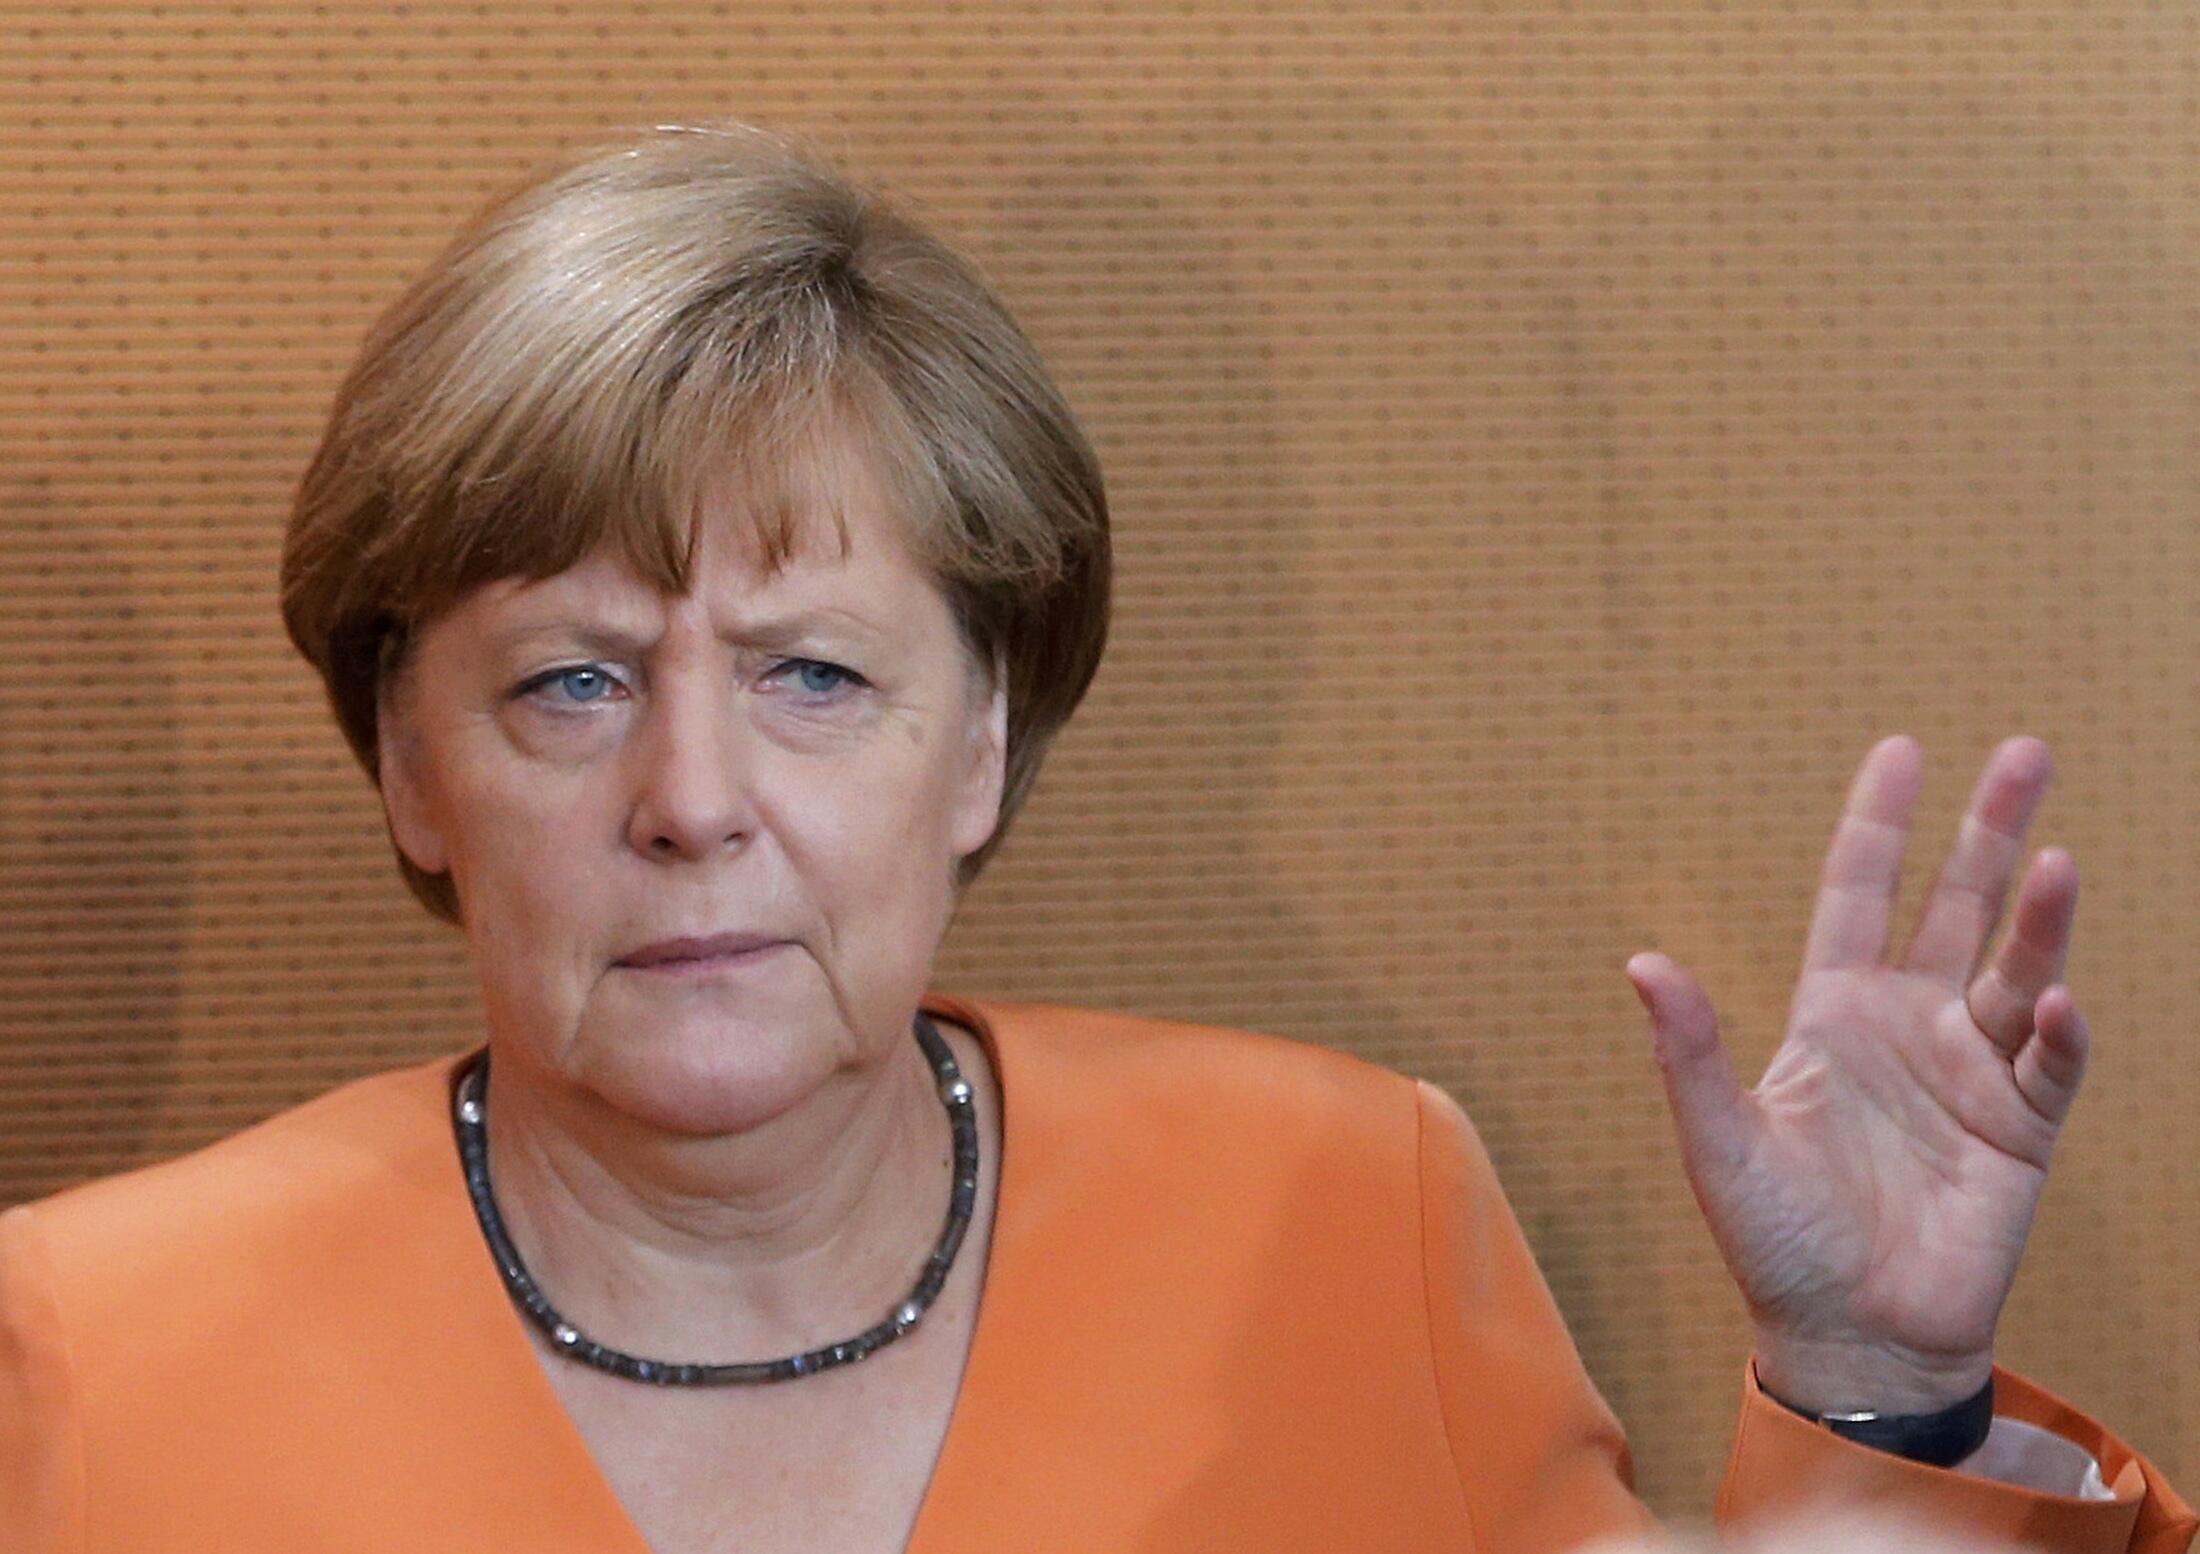 آنگلا مرکل صدر اعظم آلمان فدرال